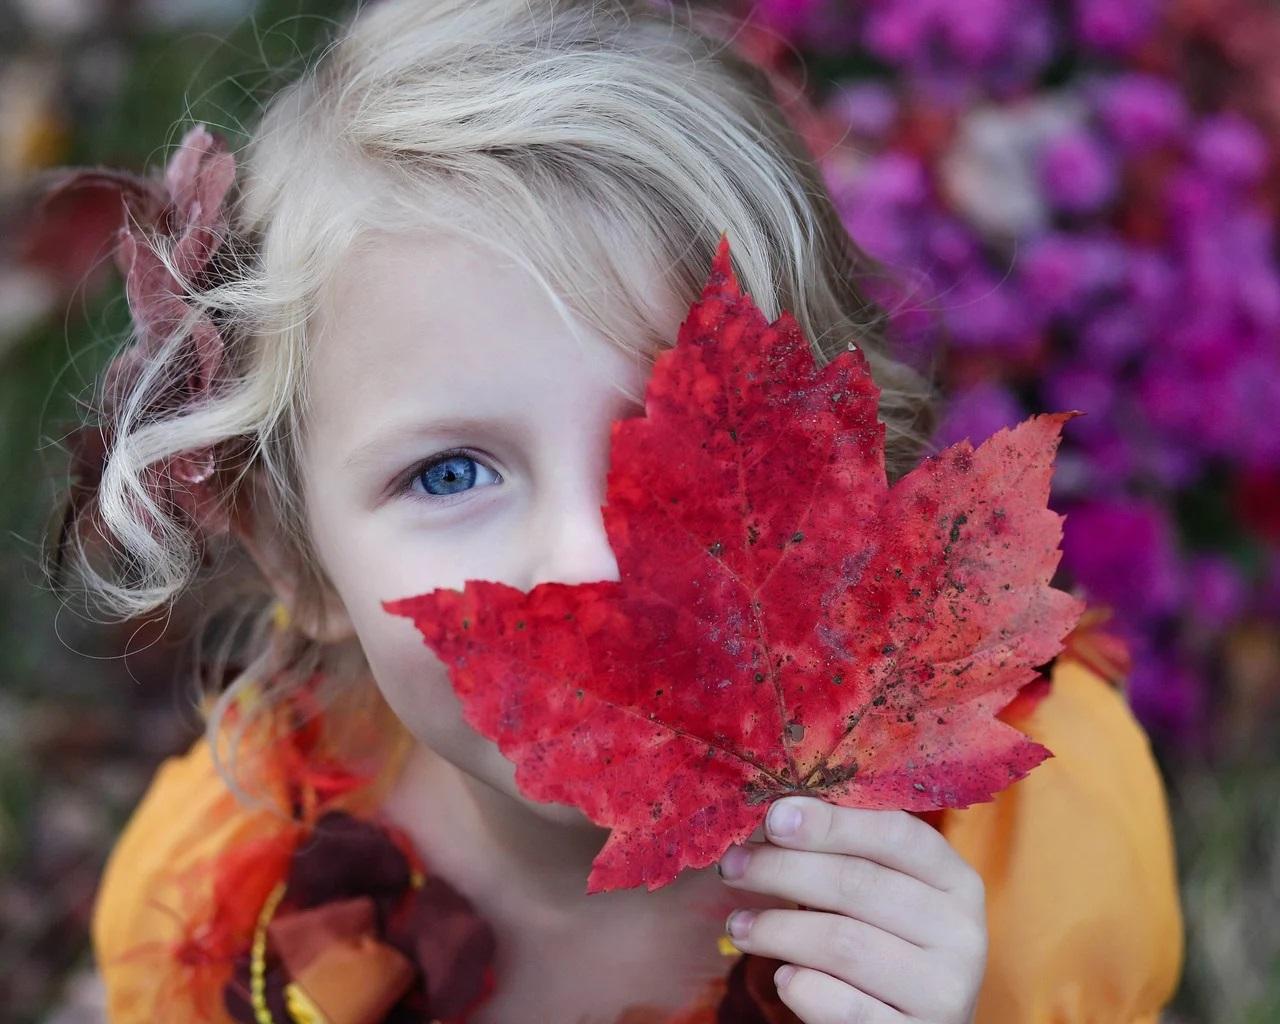 Des astuces pour aider votre enfant à gérer ses émotions